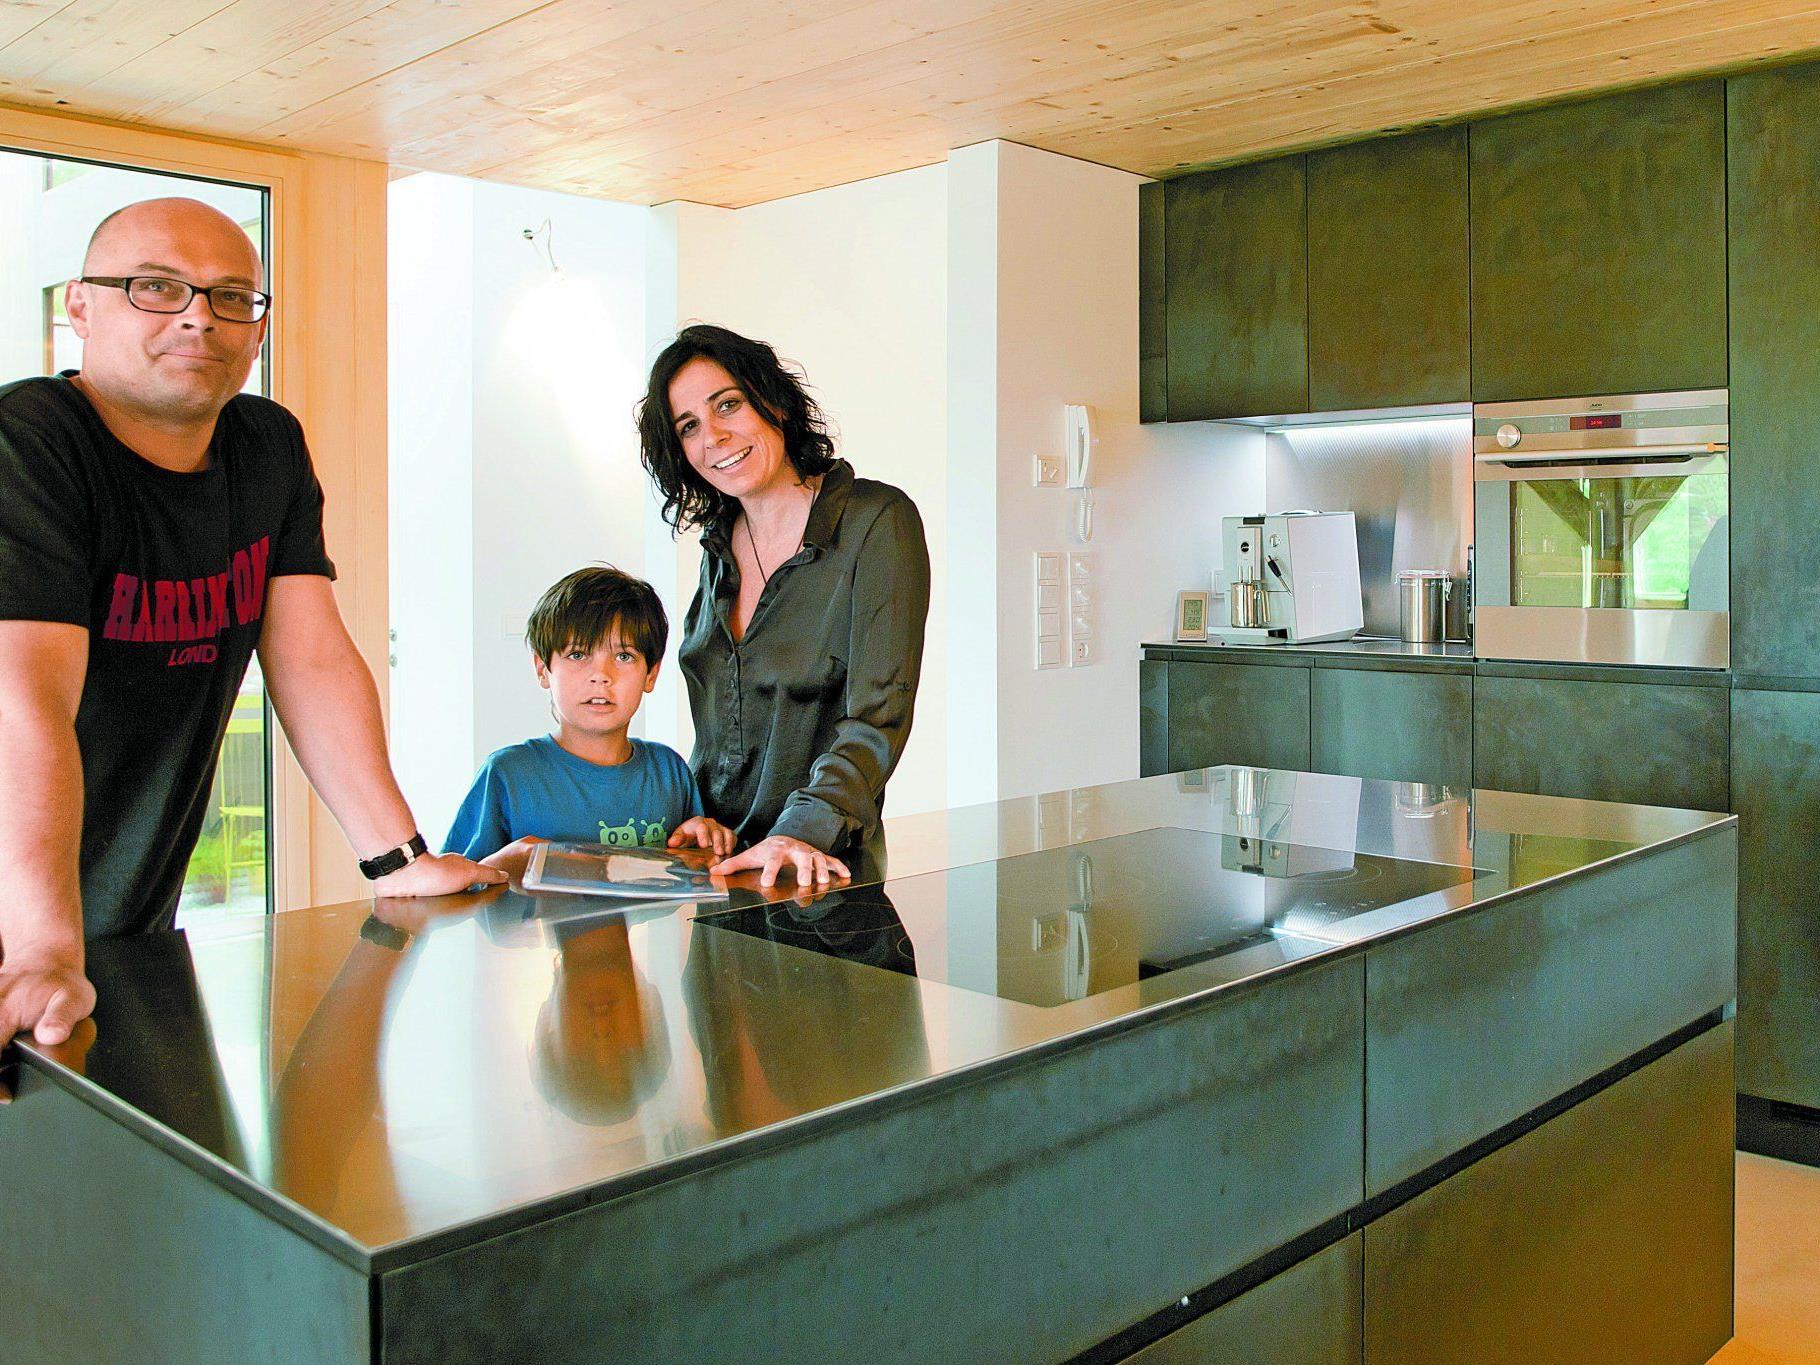 Eigenauftrag: Das Erbe sich zu eigen machen – eine Herausforderung für ein junges Architektenehepaar.